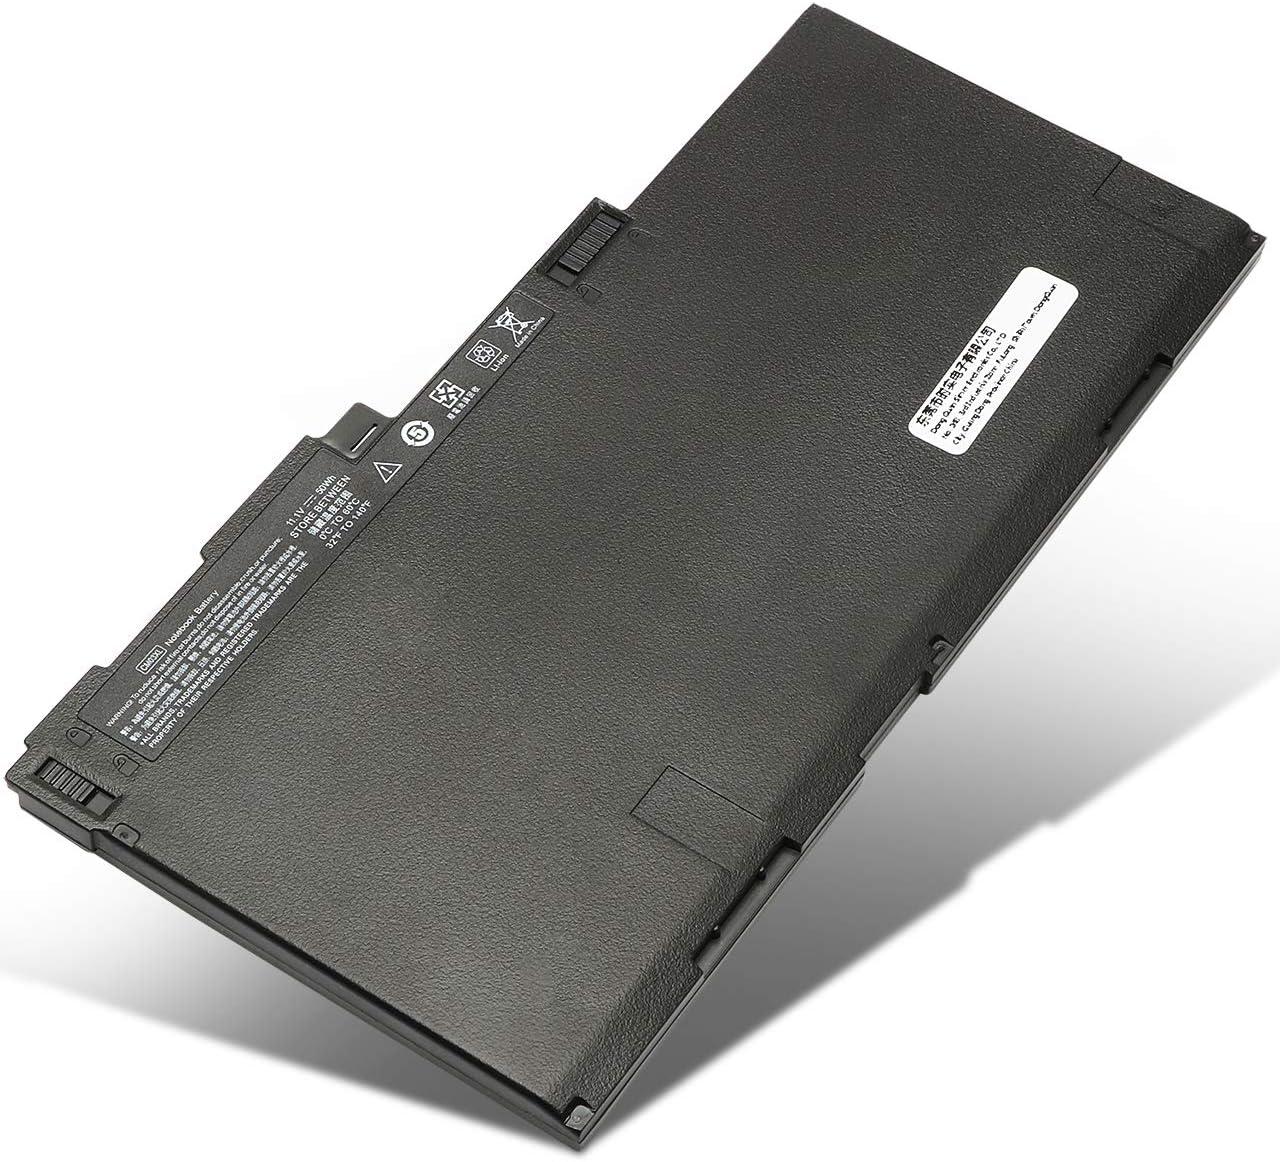 New CM03XL CO06XL 840 50WH Laptop Battery Compatible with HP EliteBook 840 845 850 855 740 745 750 755 G1 G2 ZBook 14 15U G2 14 E7U24AA Series Notebook HSTNN-IB4R HSTNN-DB4Q HSTNN-LB4R